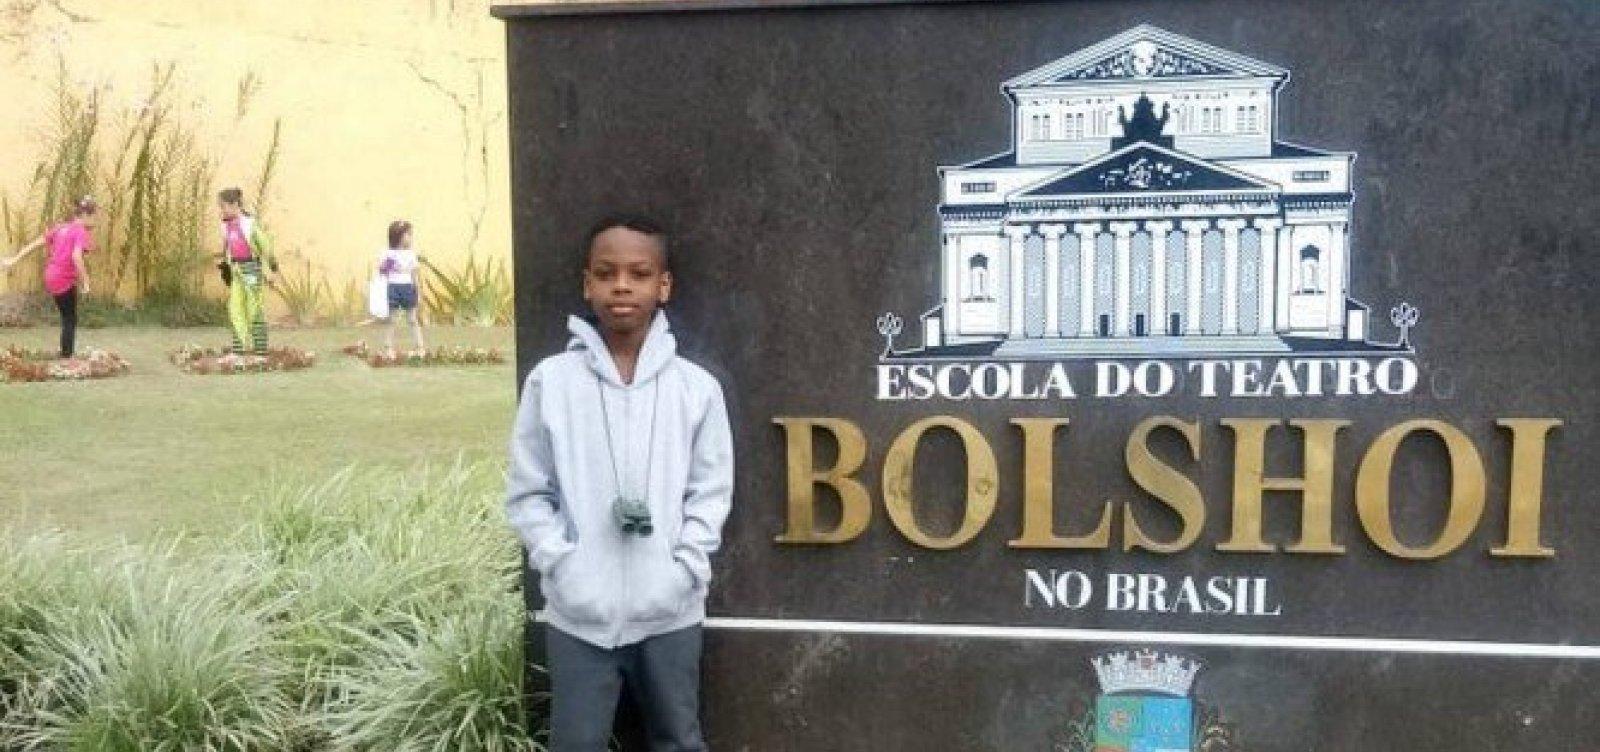 [Menino baiano de 9 anos vai estudar balé no Bolshoi graças a vaquinha online]